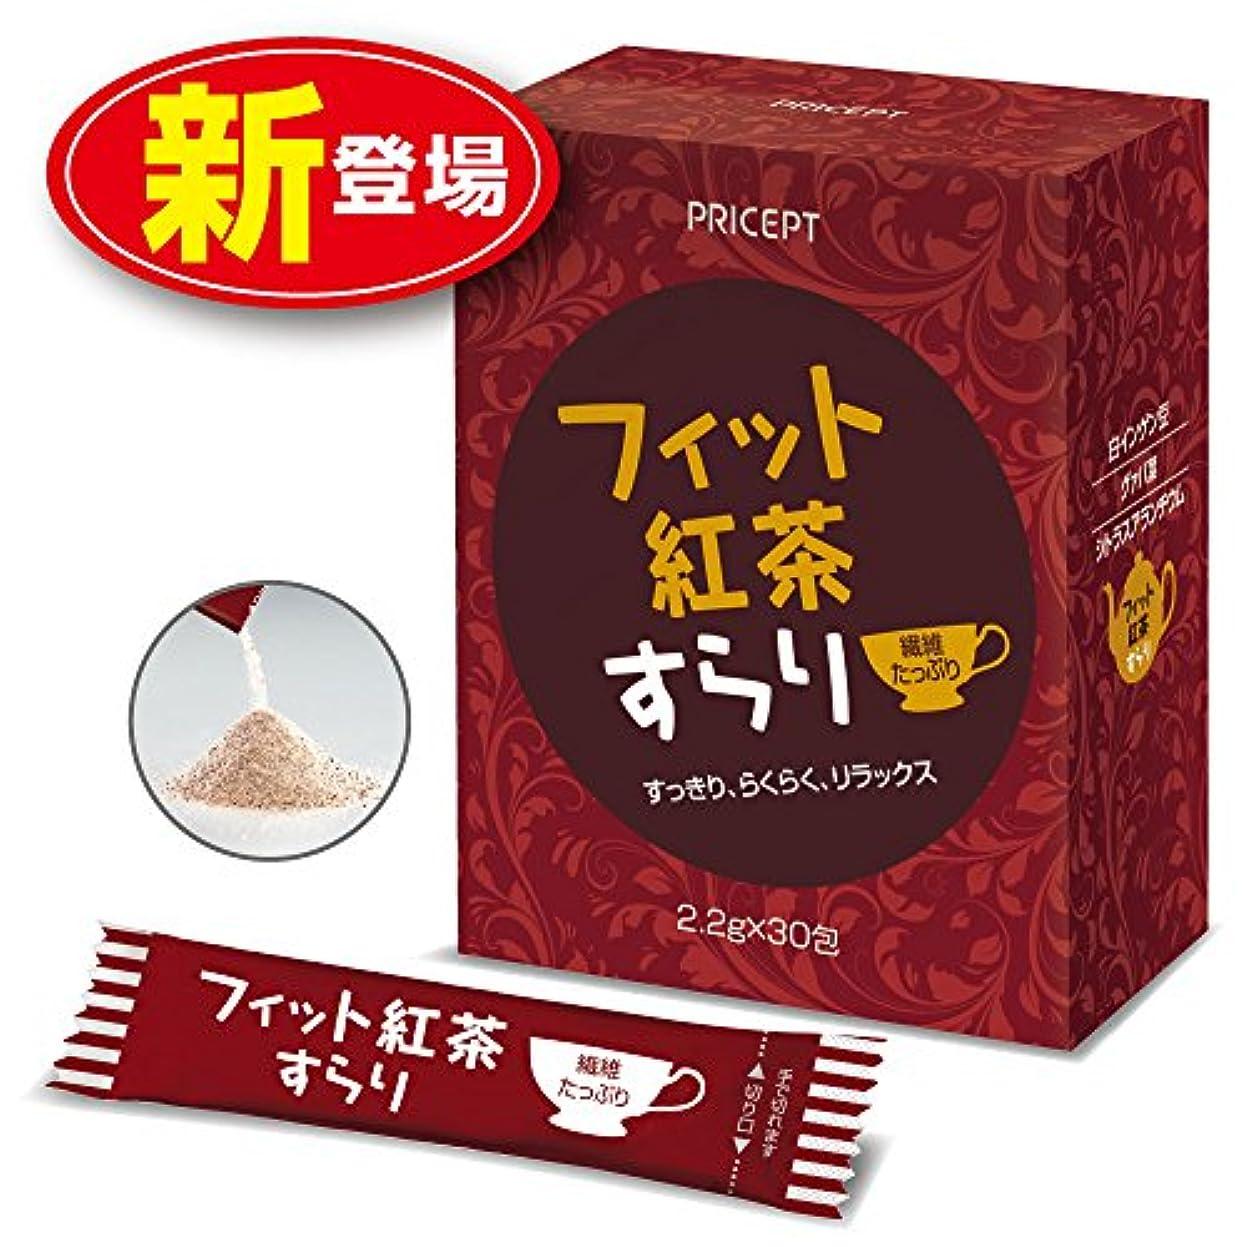 燃やすピックあえてプリセプト フィット紅茶すらり(30包)【単品】(食物繊維配合ダイエットサポート紅茶)